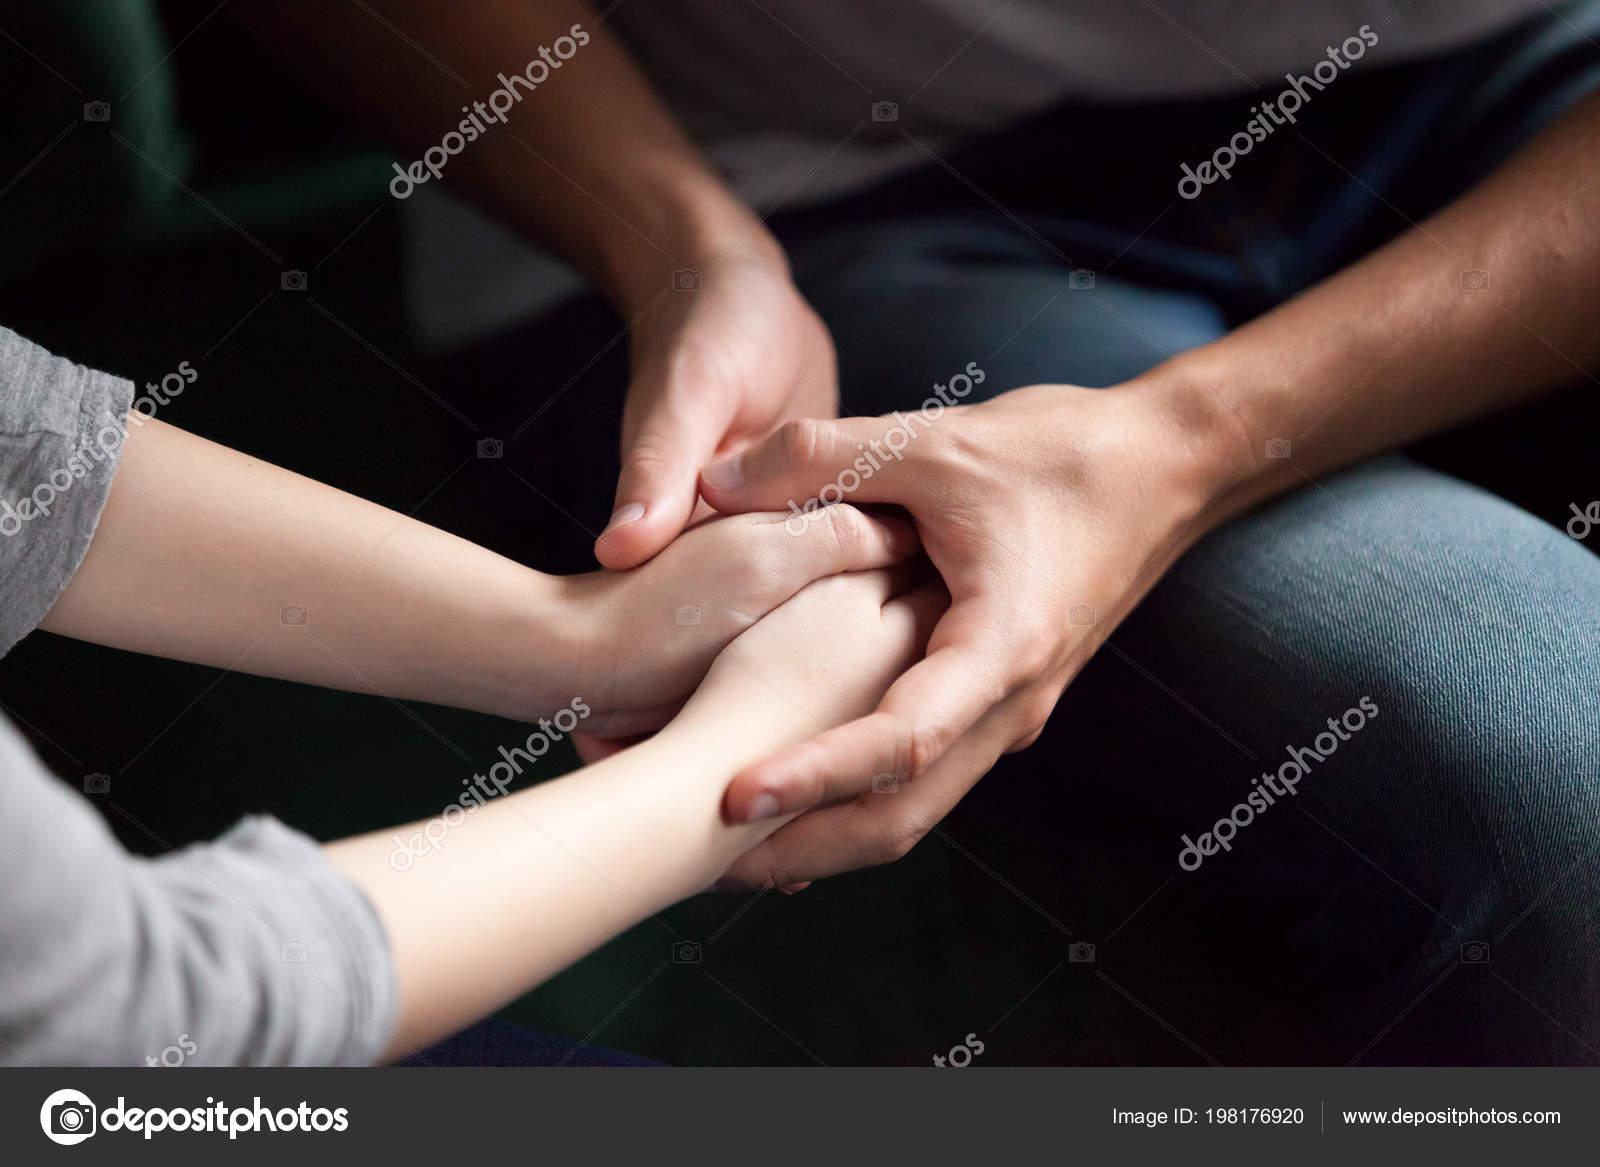 tenant mains Christian Dating www. 100 site de rencontre gratuit